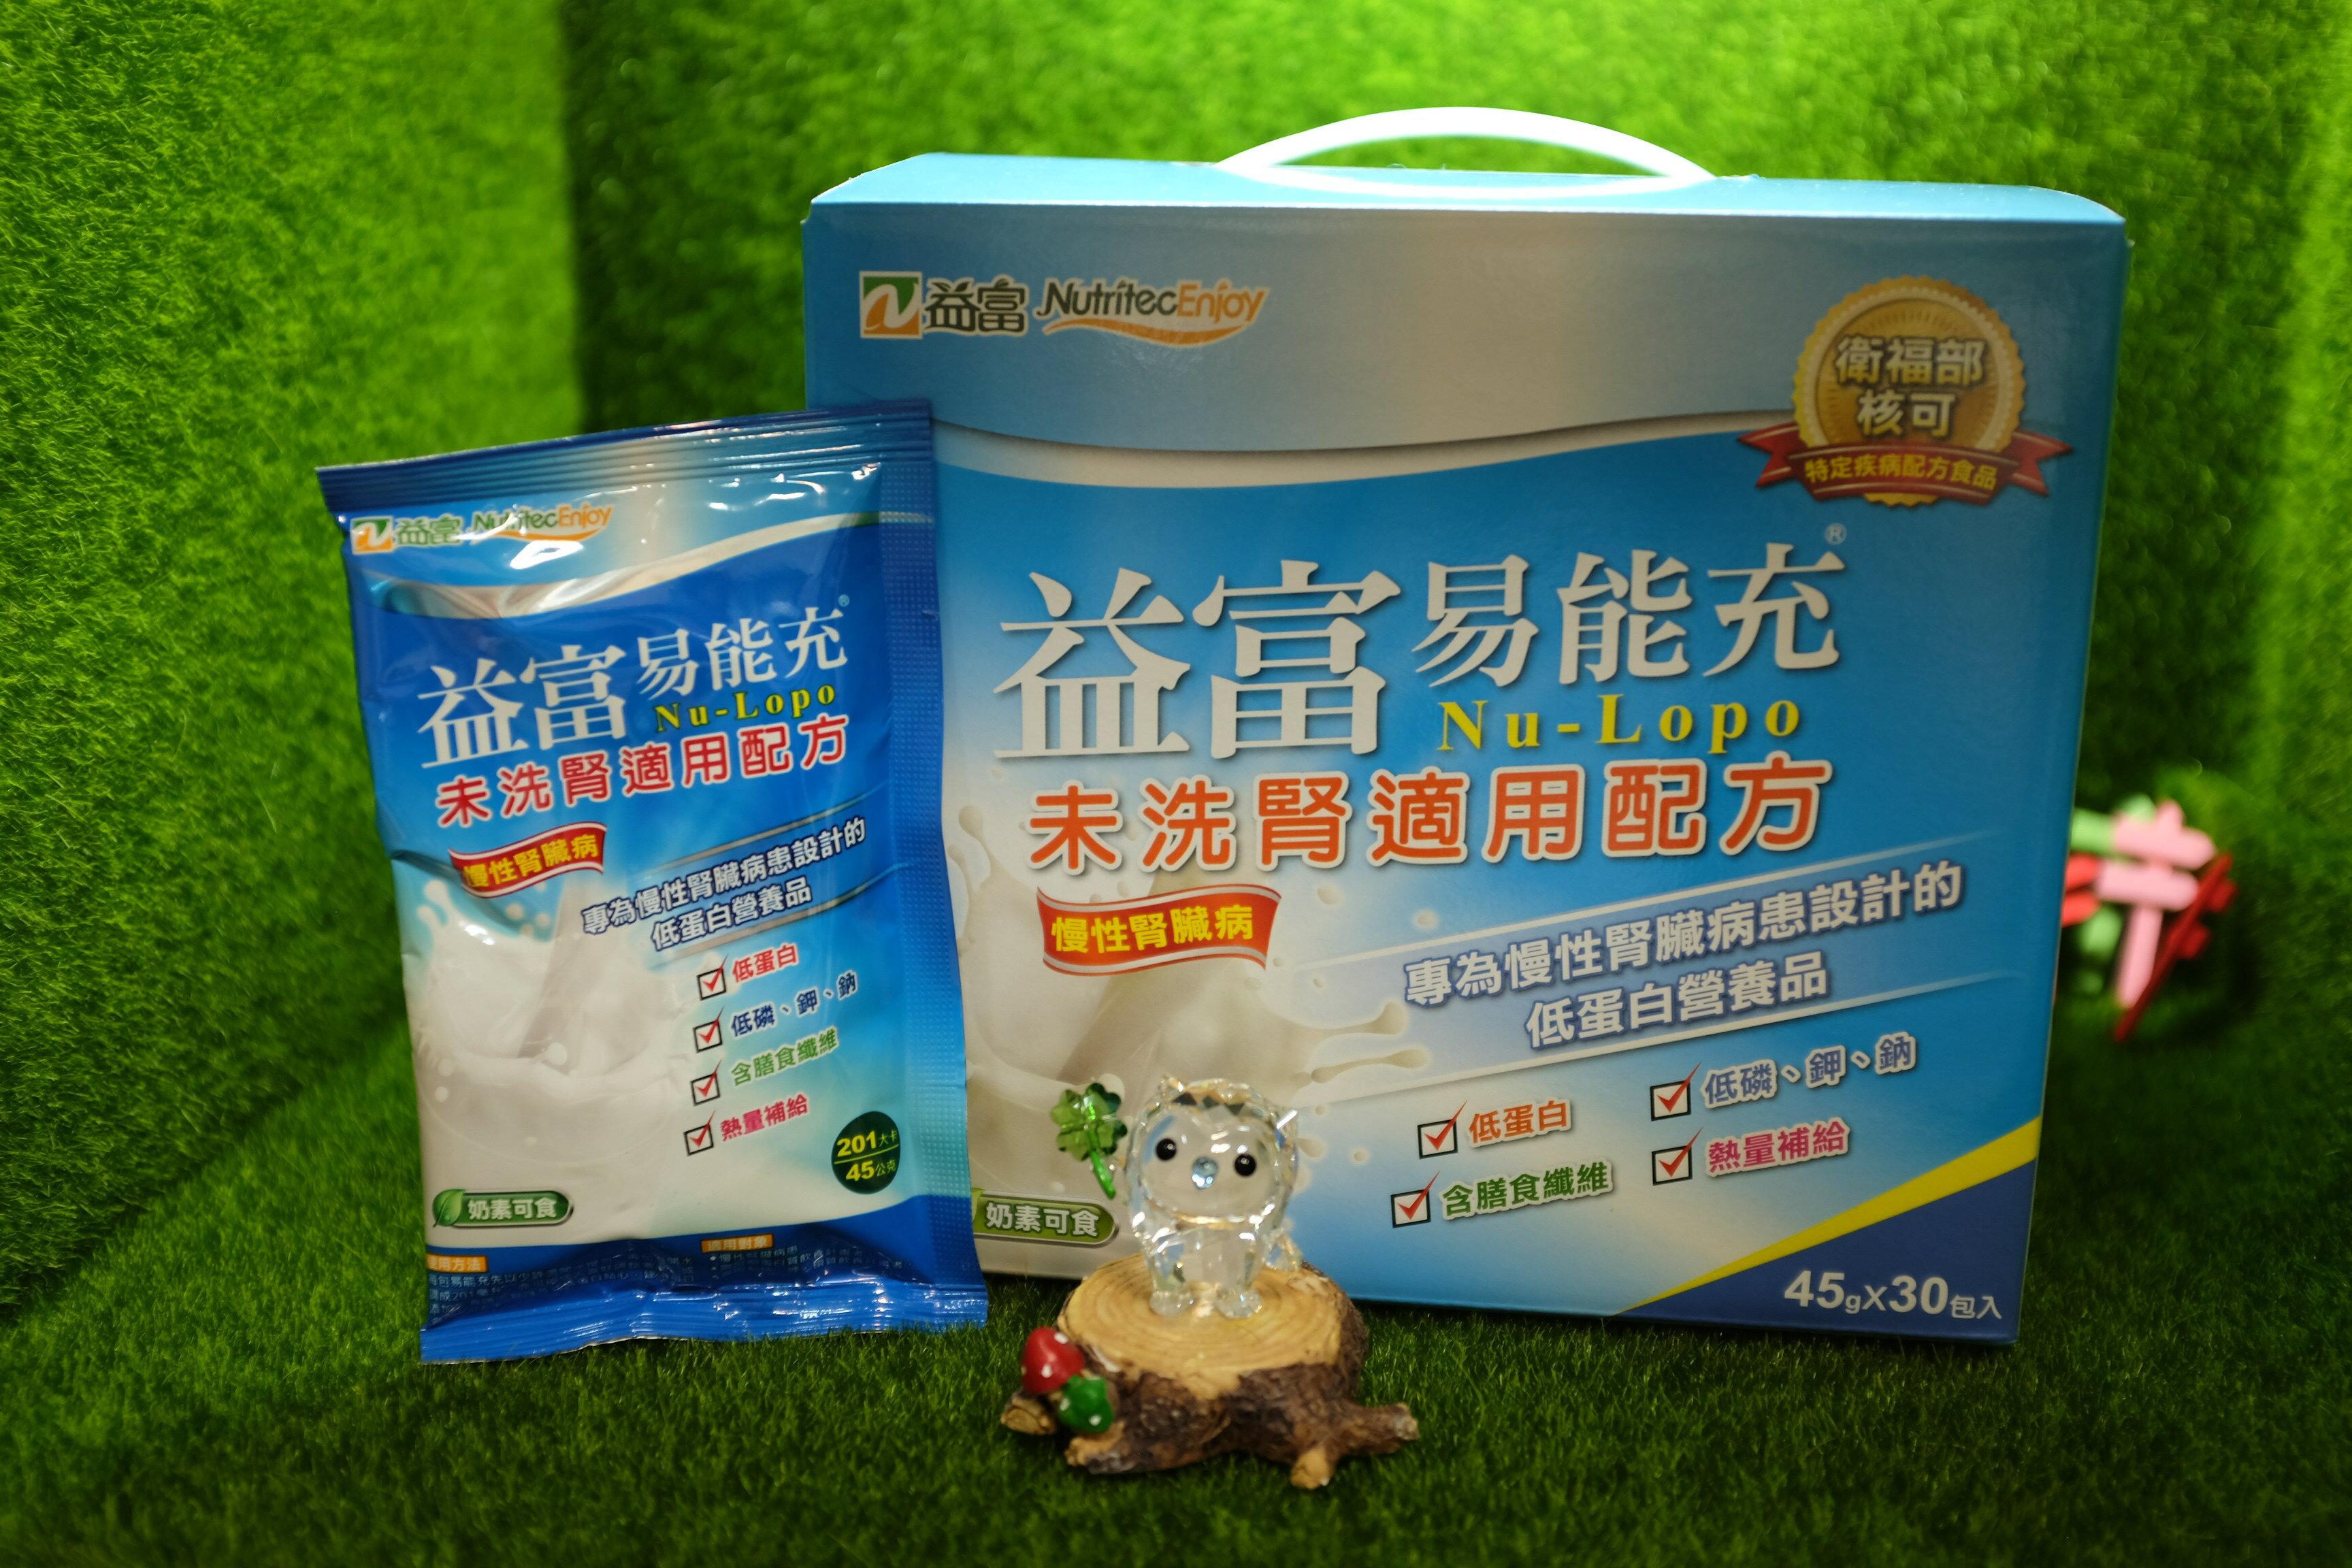 (超商限兩盒)314325#益富 易能充 45g 一盒30包#洗腎前專用奶粉 蛋白質極低的補充熱量配方 益富